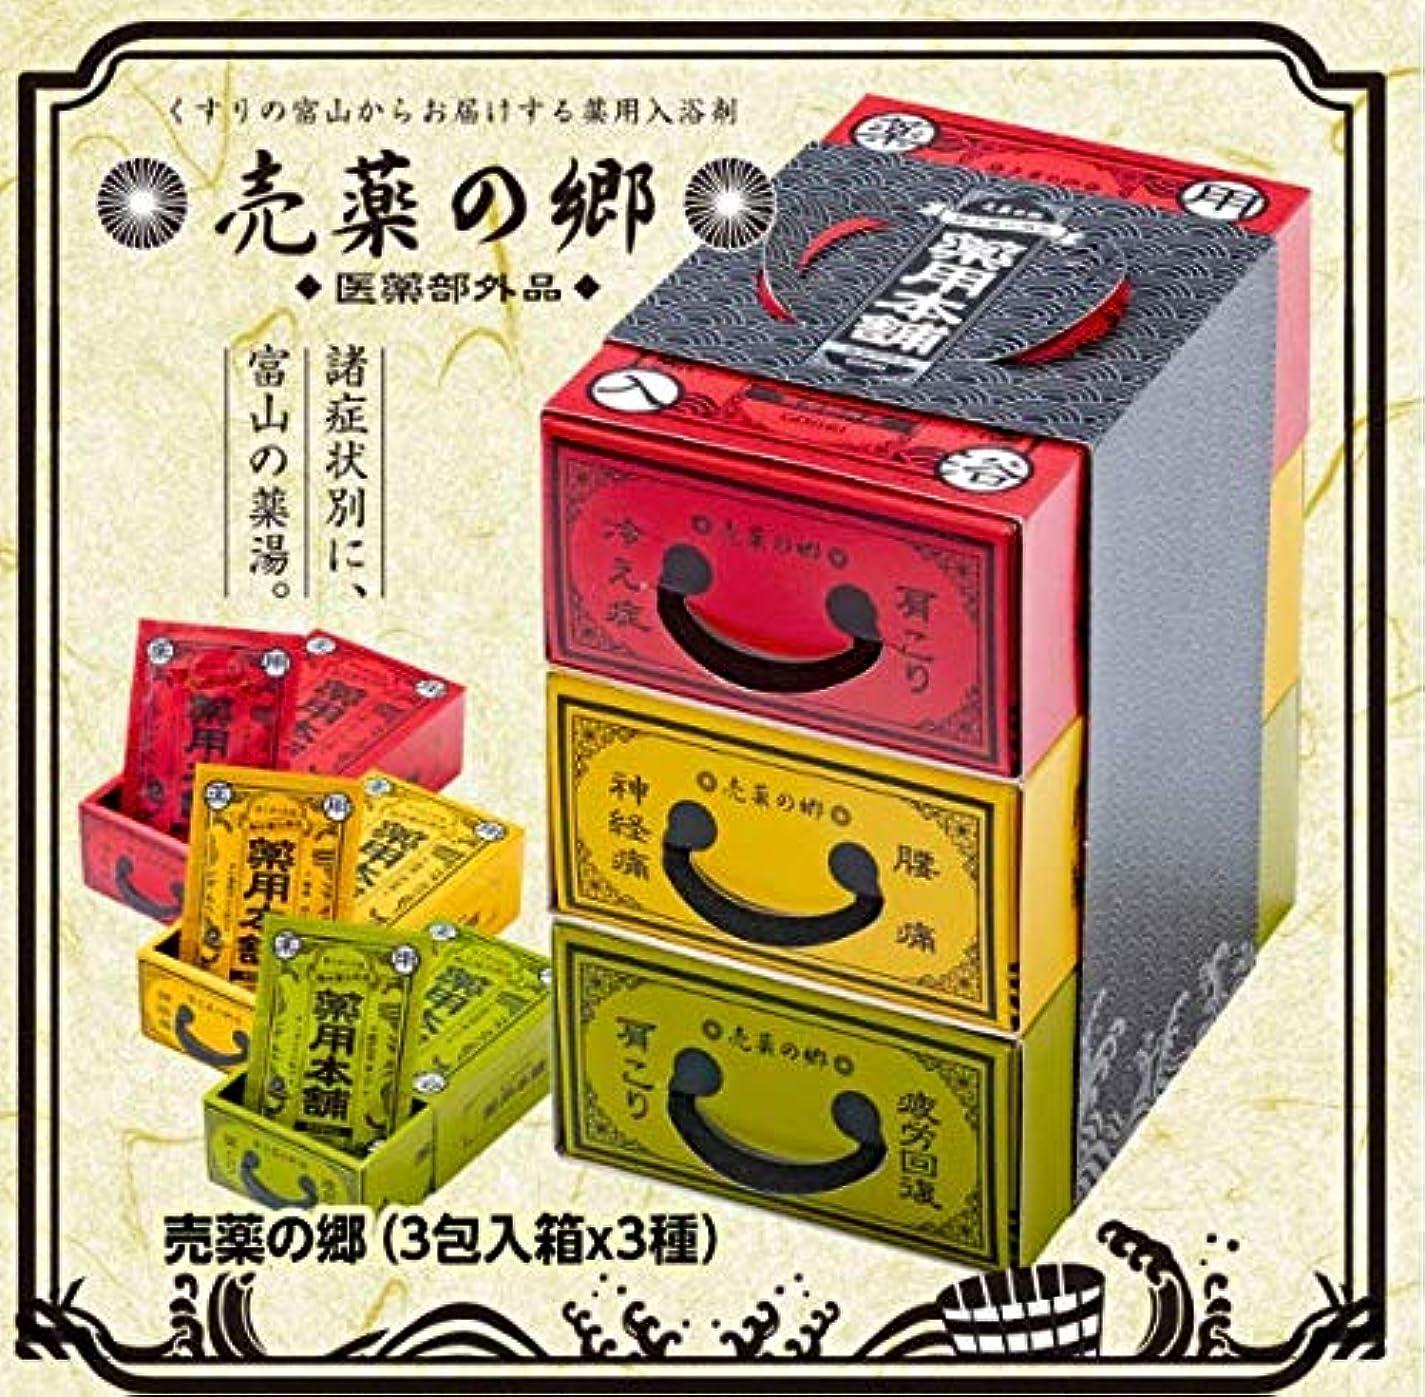 シャッフル性格特性薬の富山の薬用入浴剤 売薬の郷 薬用本舗3箱セット 10セット